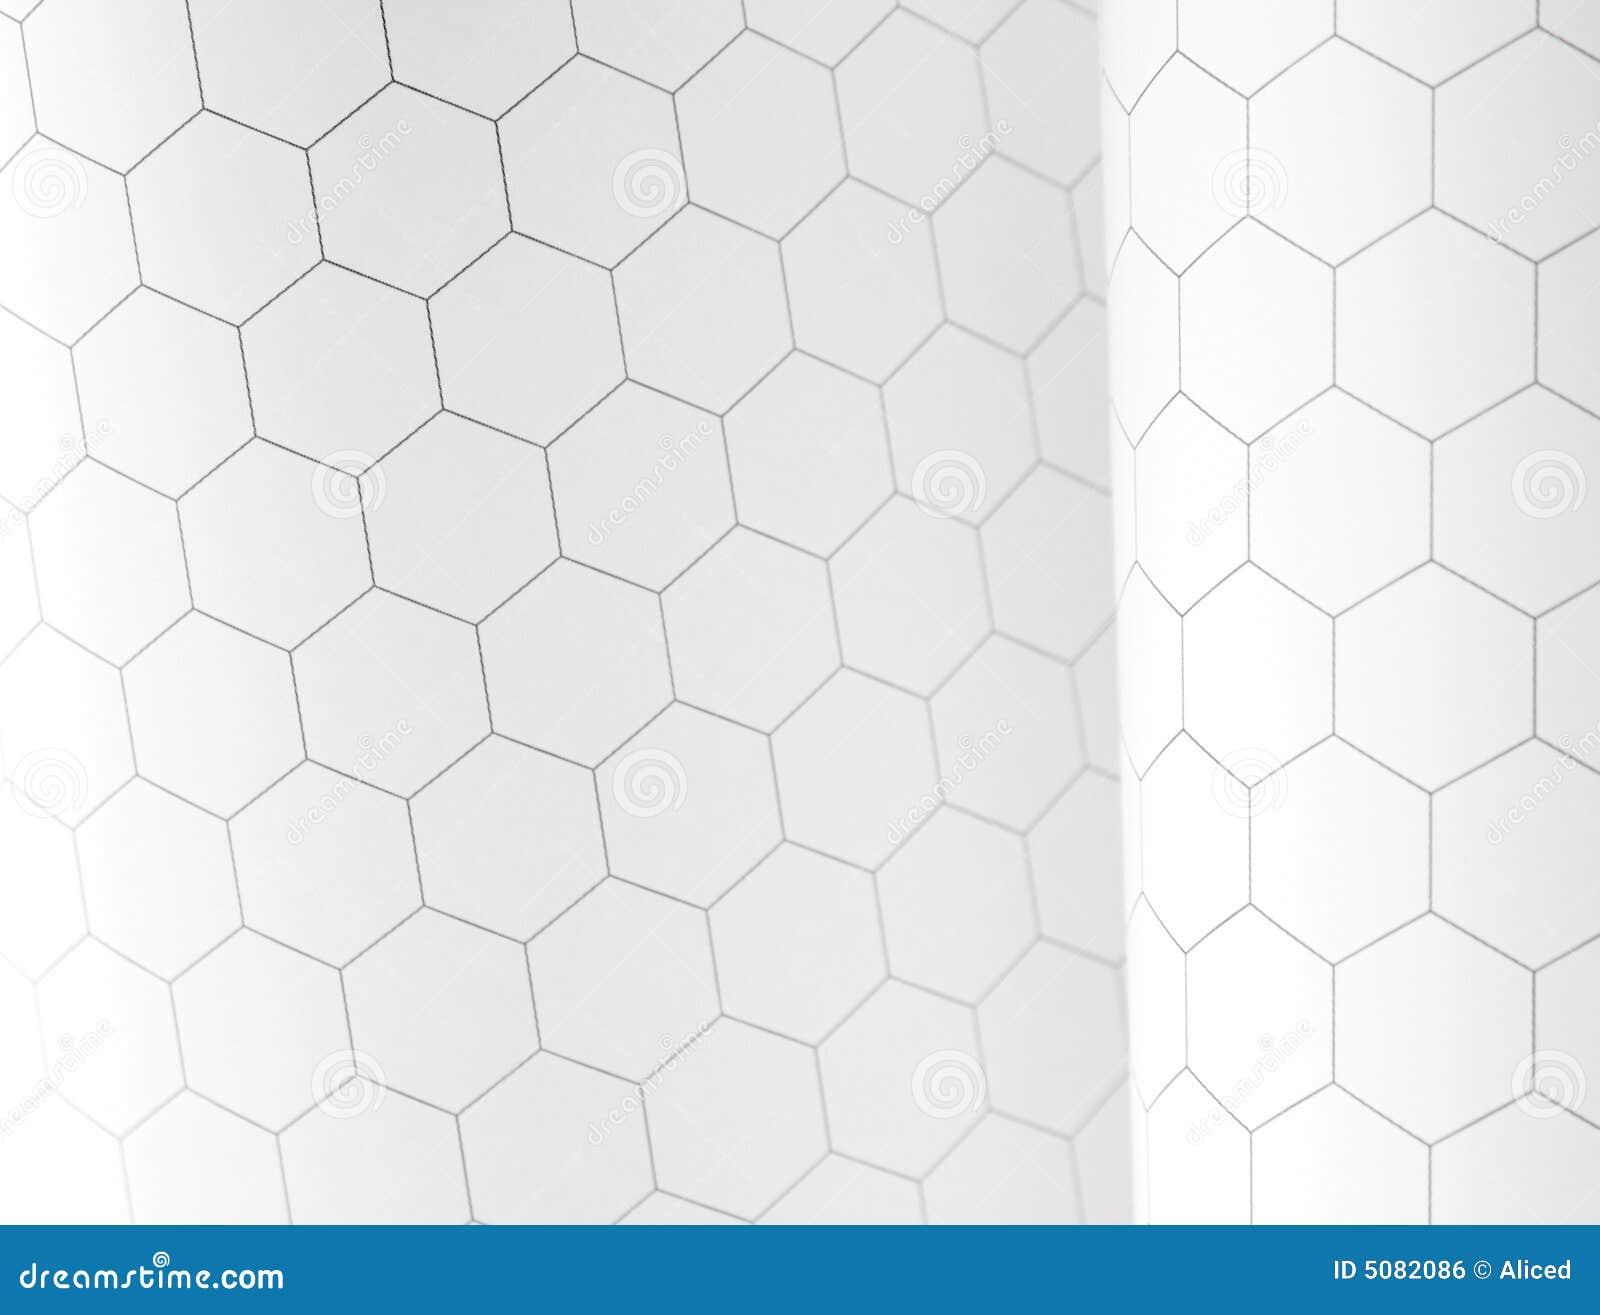 Hexagon grafieken